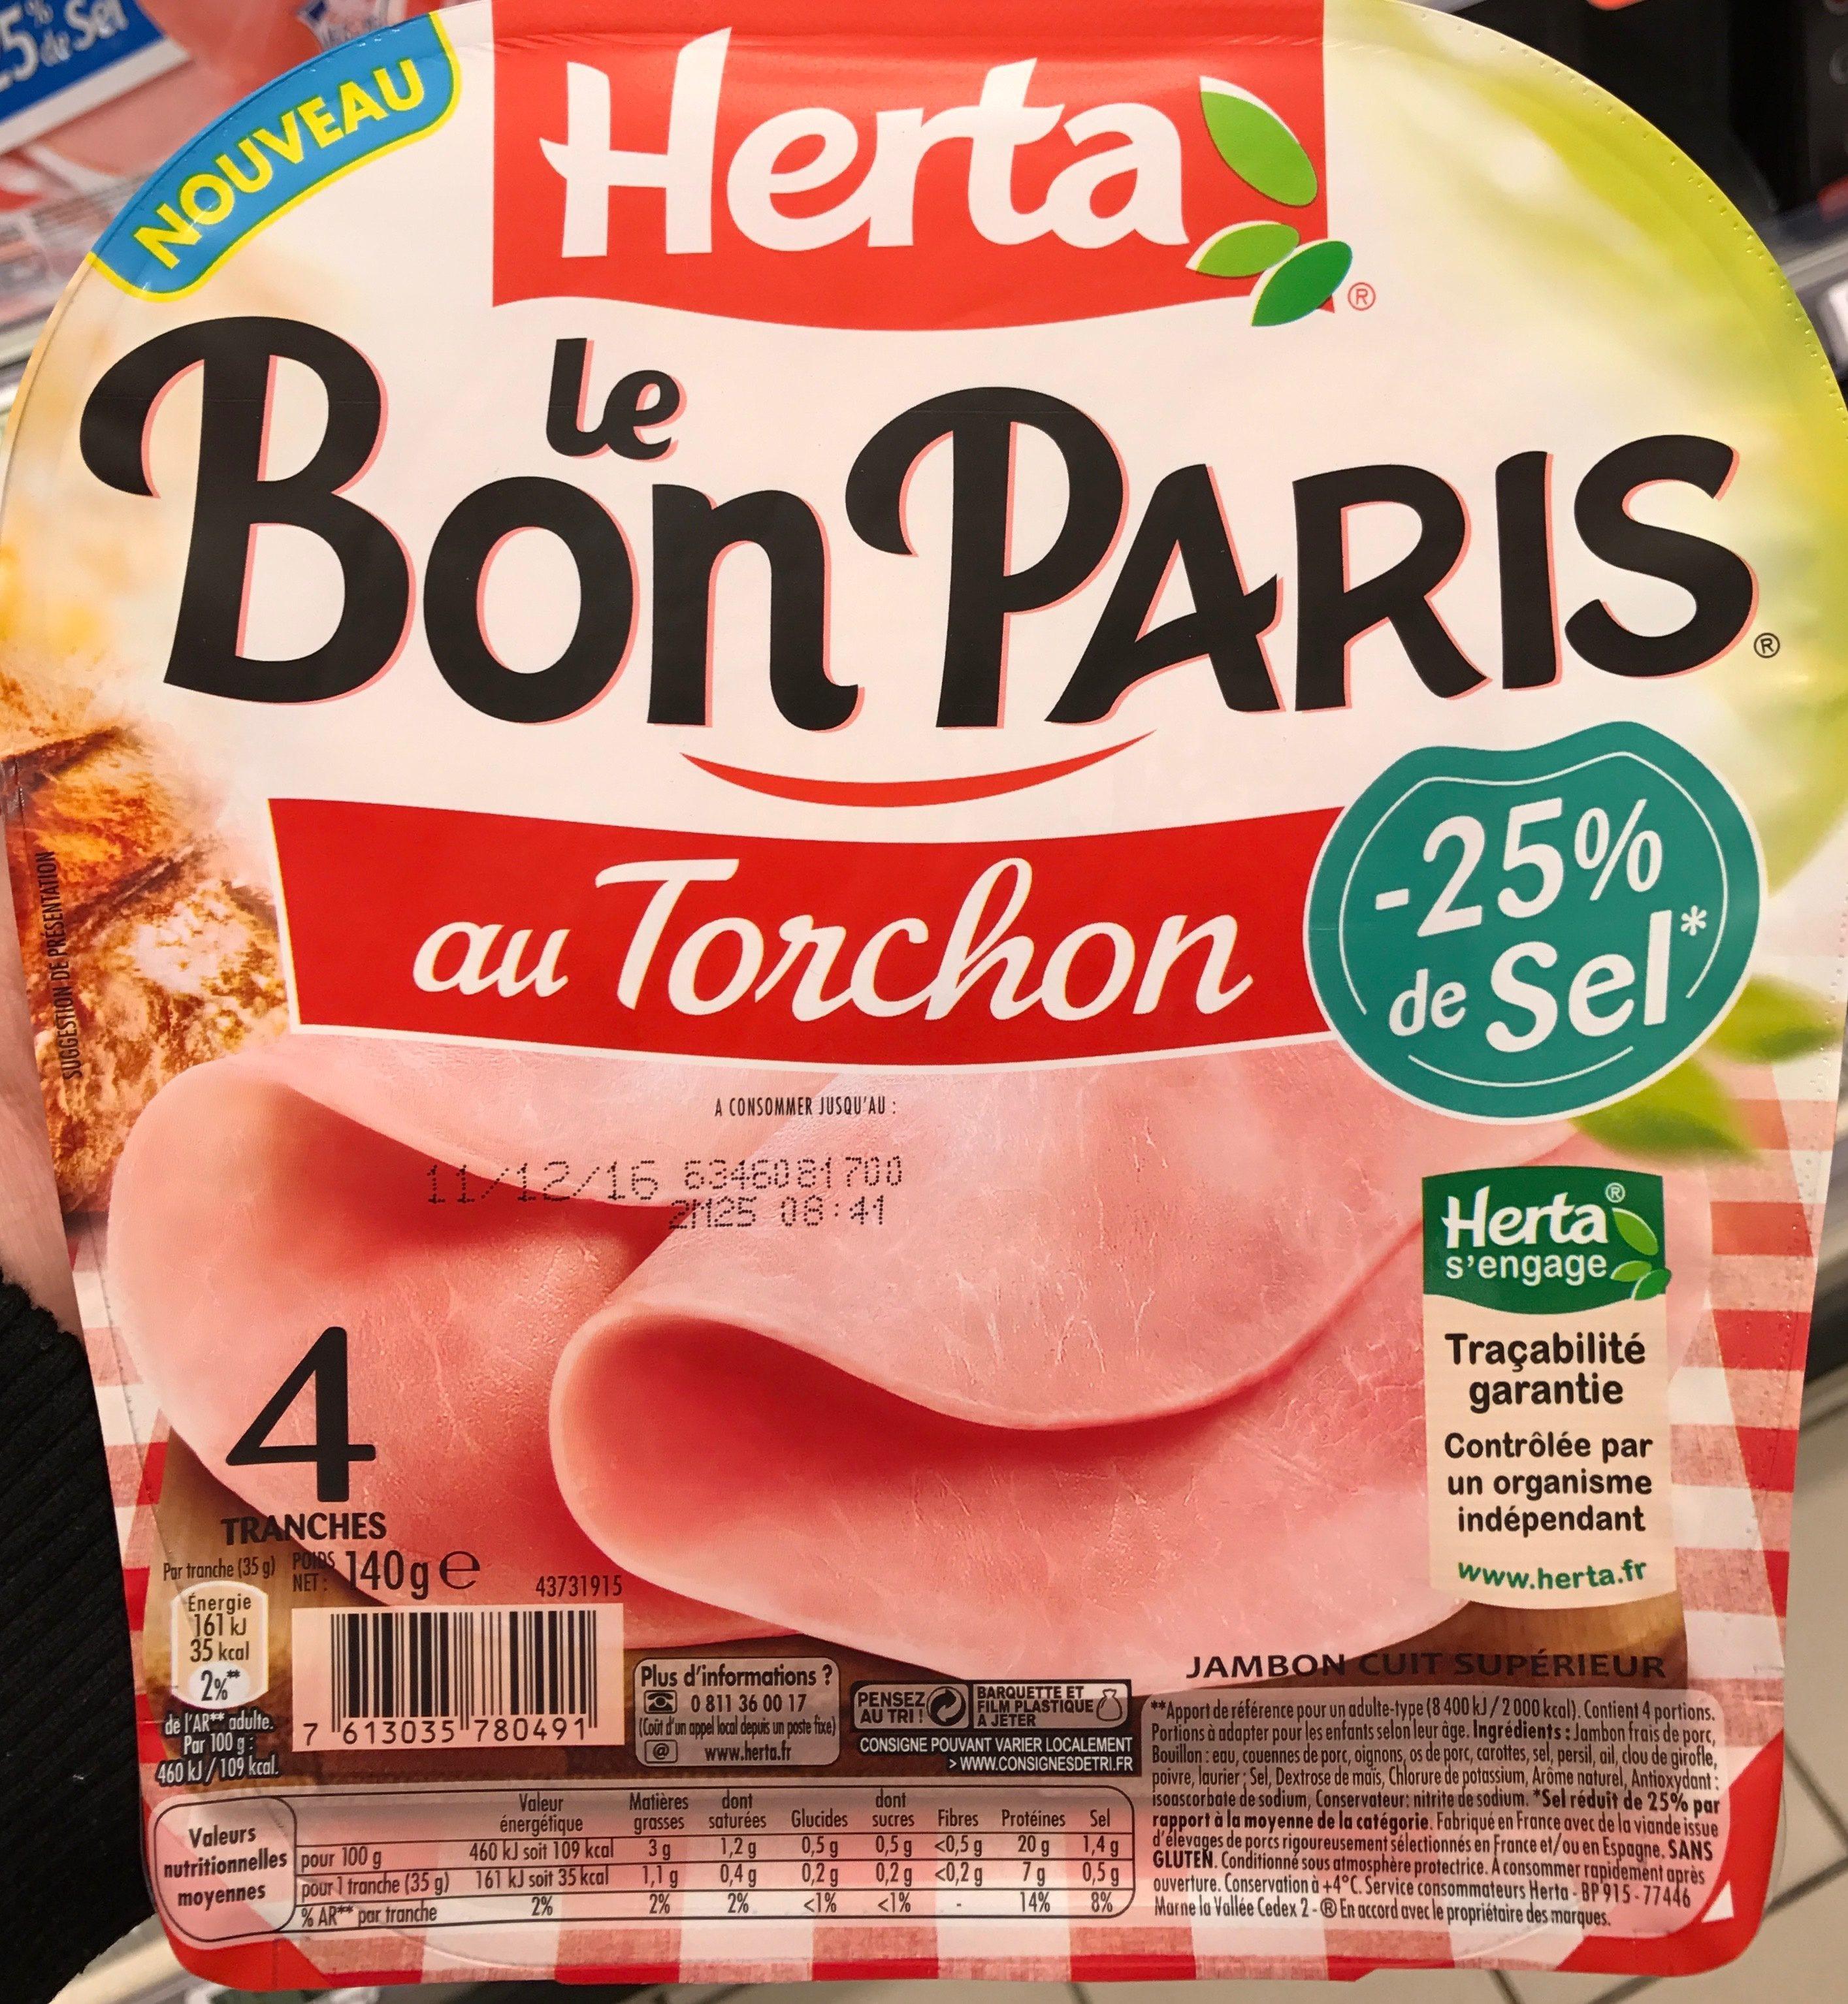 Le Bon Paris au Torchon -25% de Sel - Produit